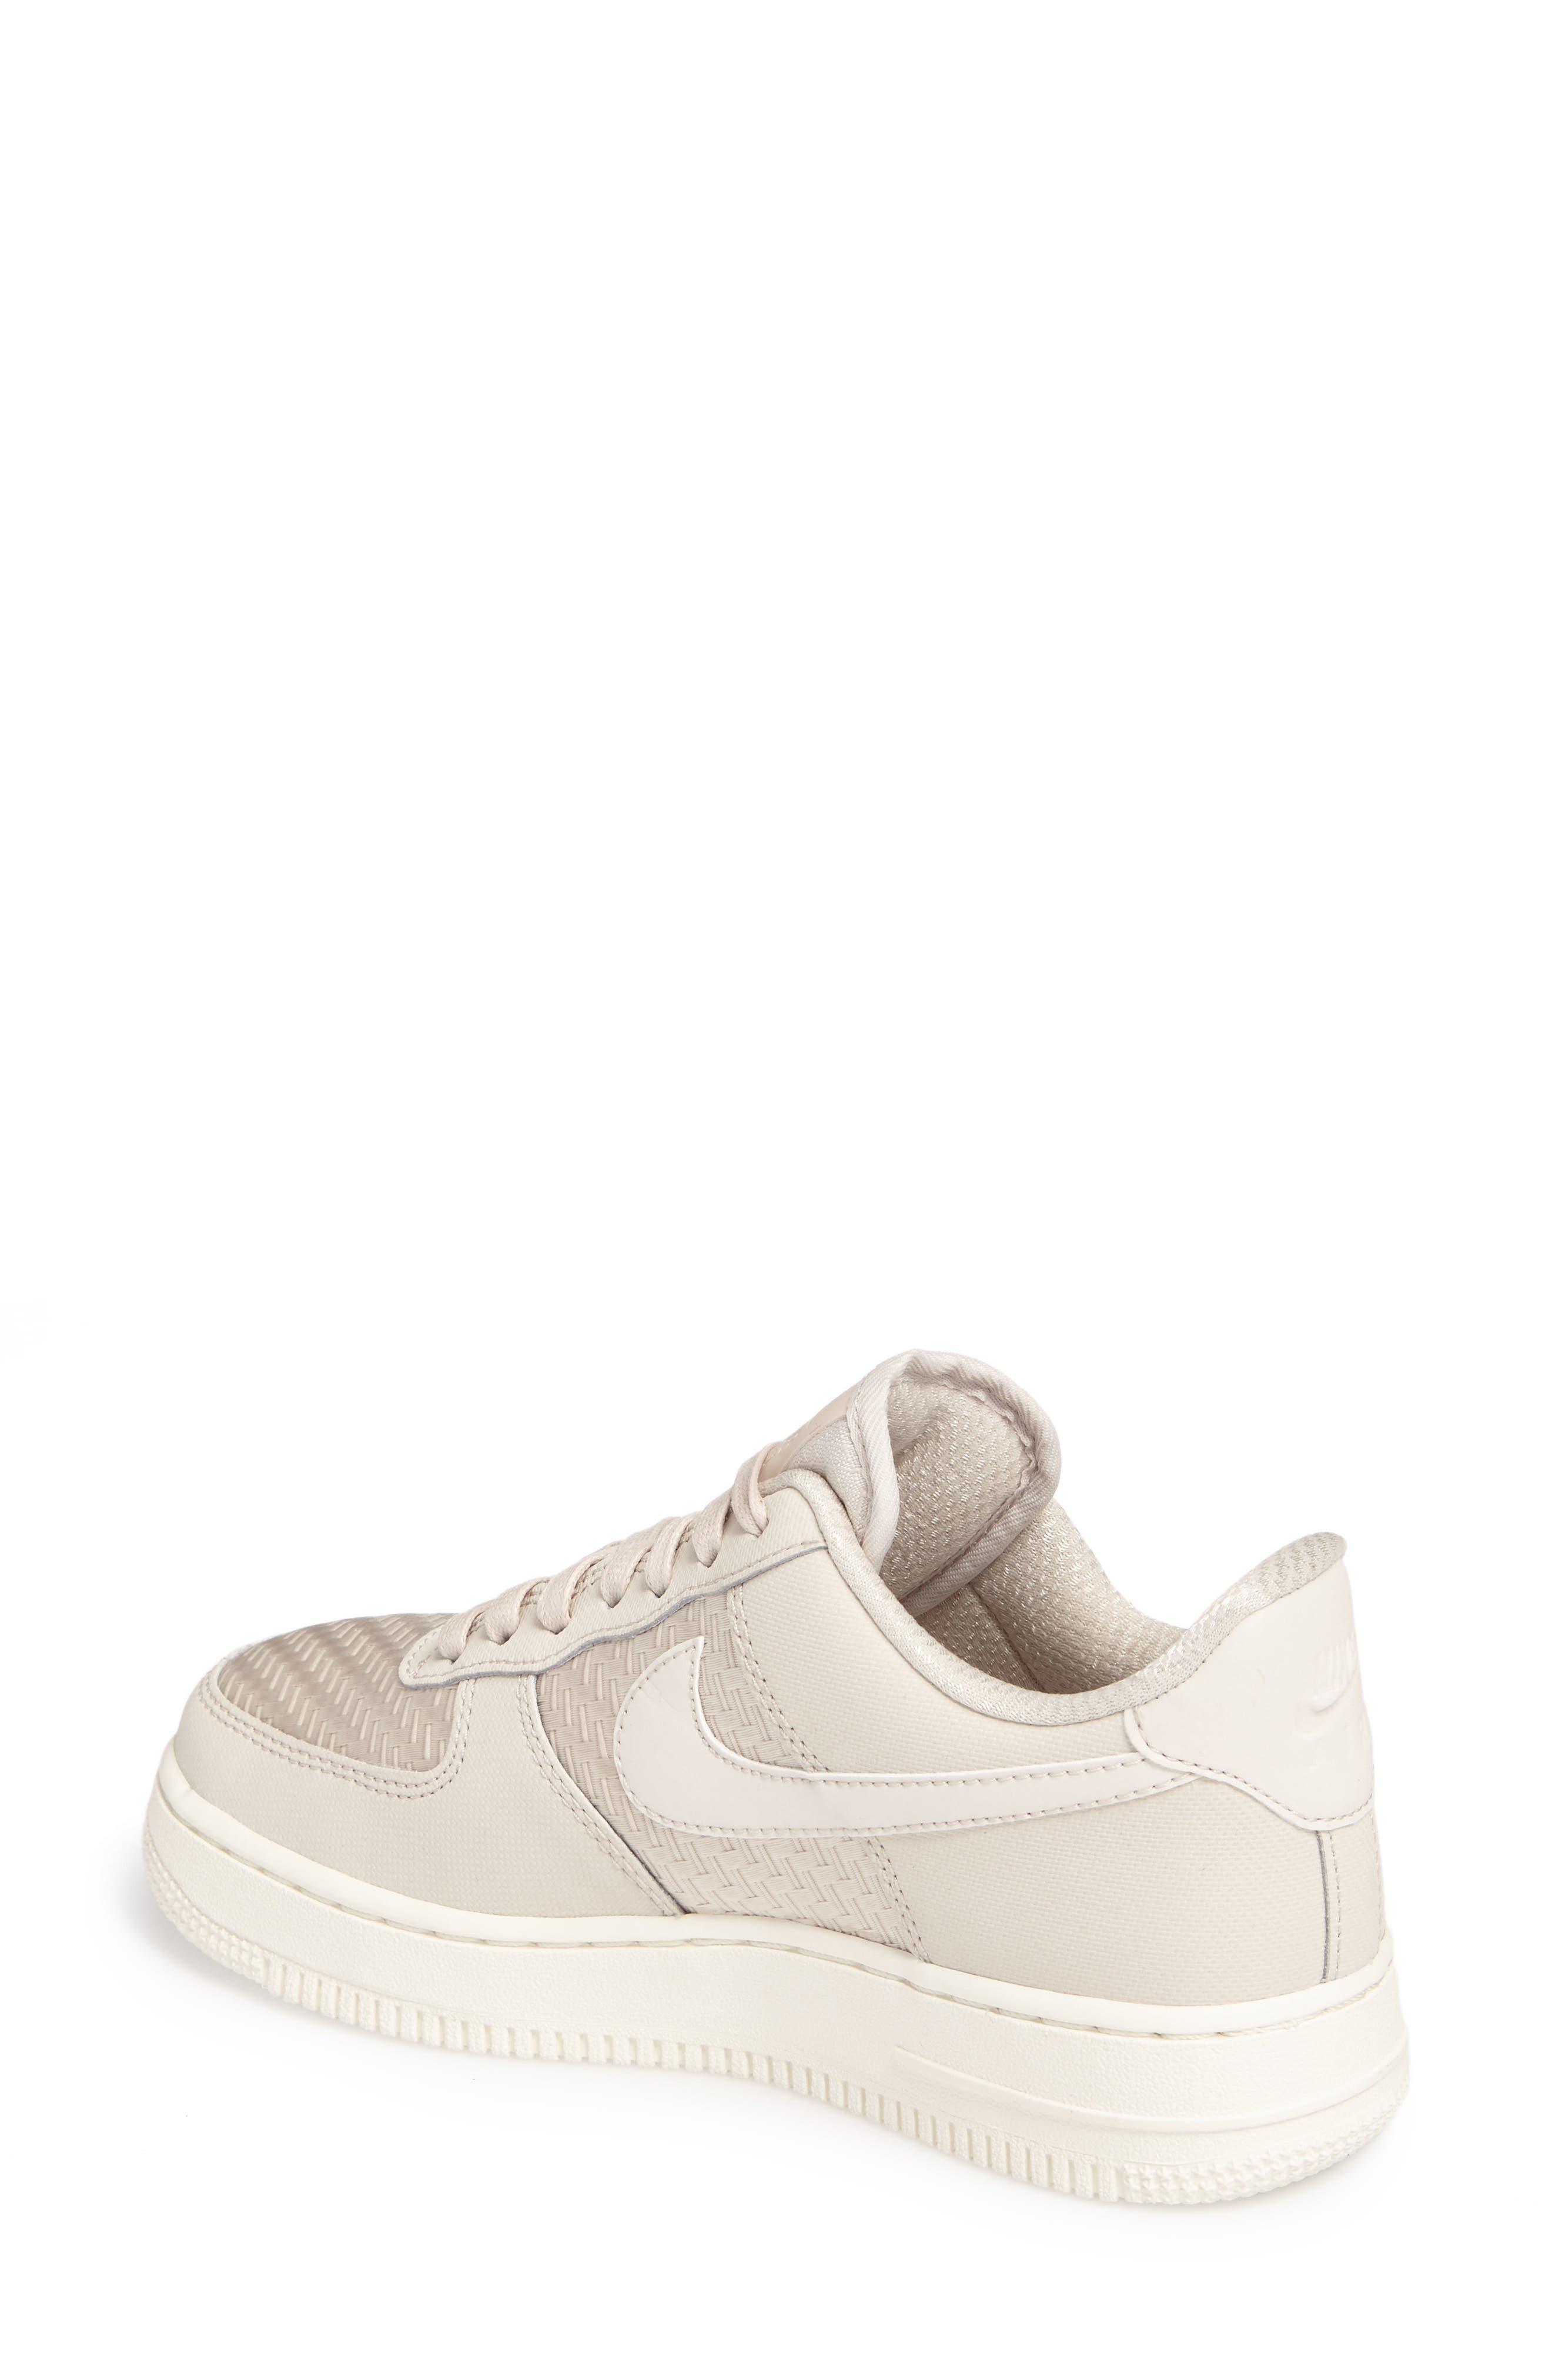 Air Force 1 '07 Pinnacle Sneaker,                             Alternate thumbnail 2, color,                             DESERT SAND/ DESERT SAND